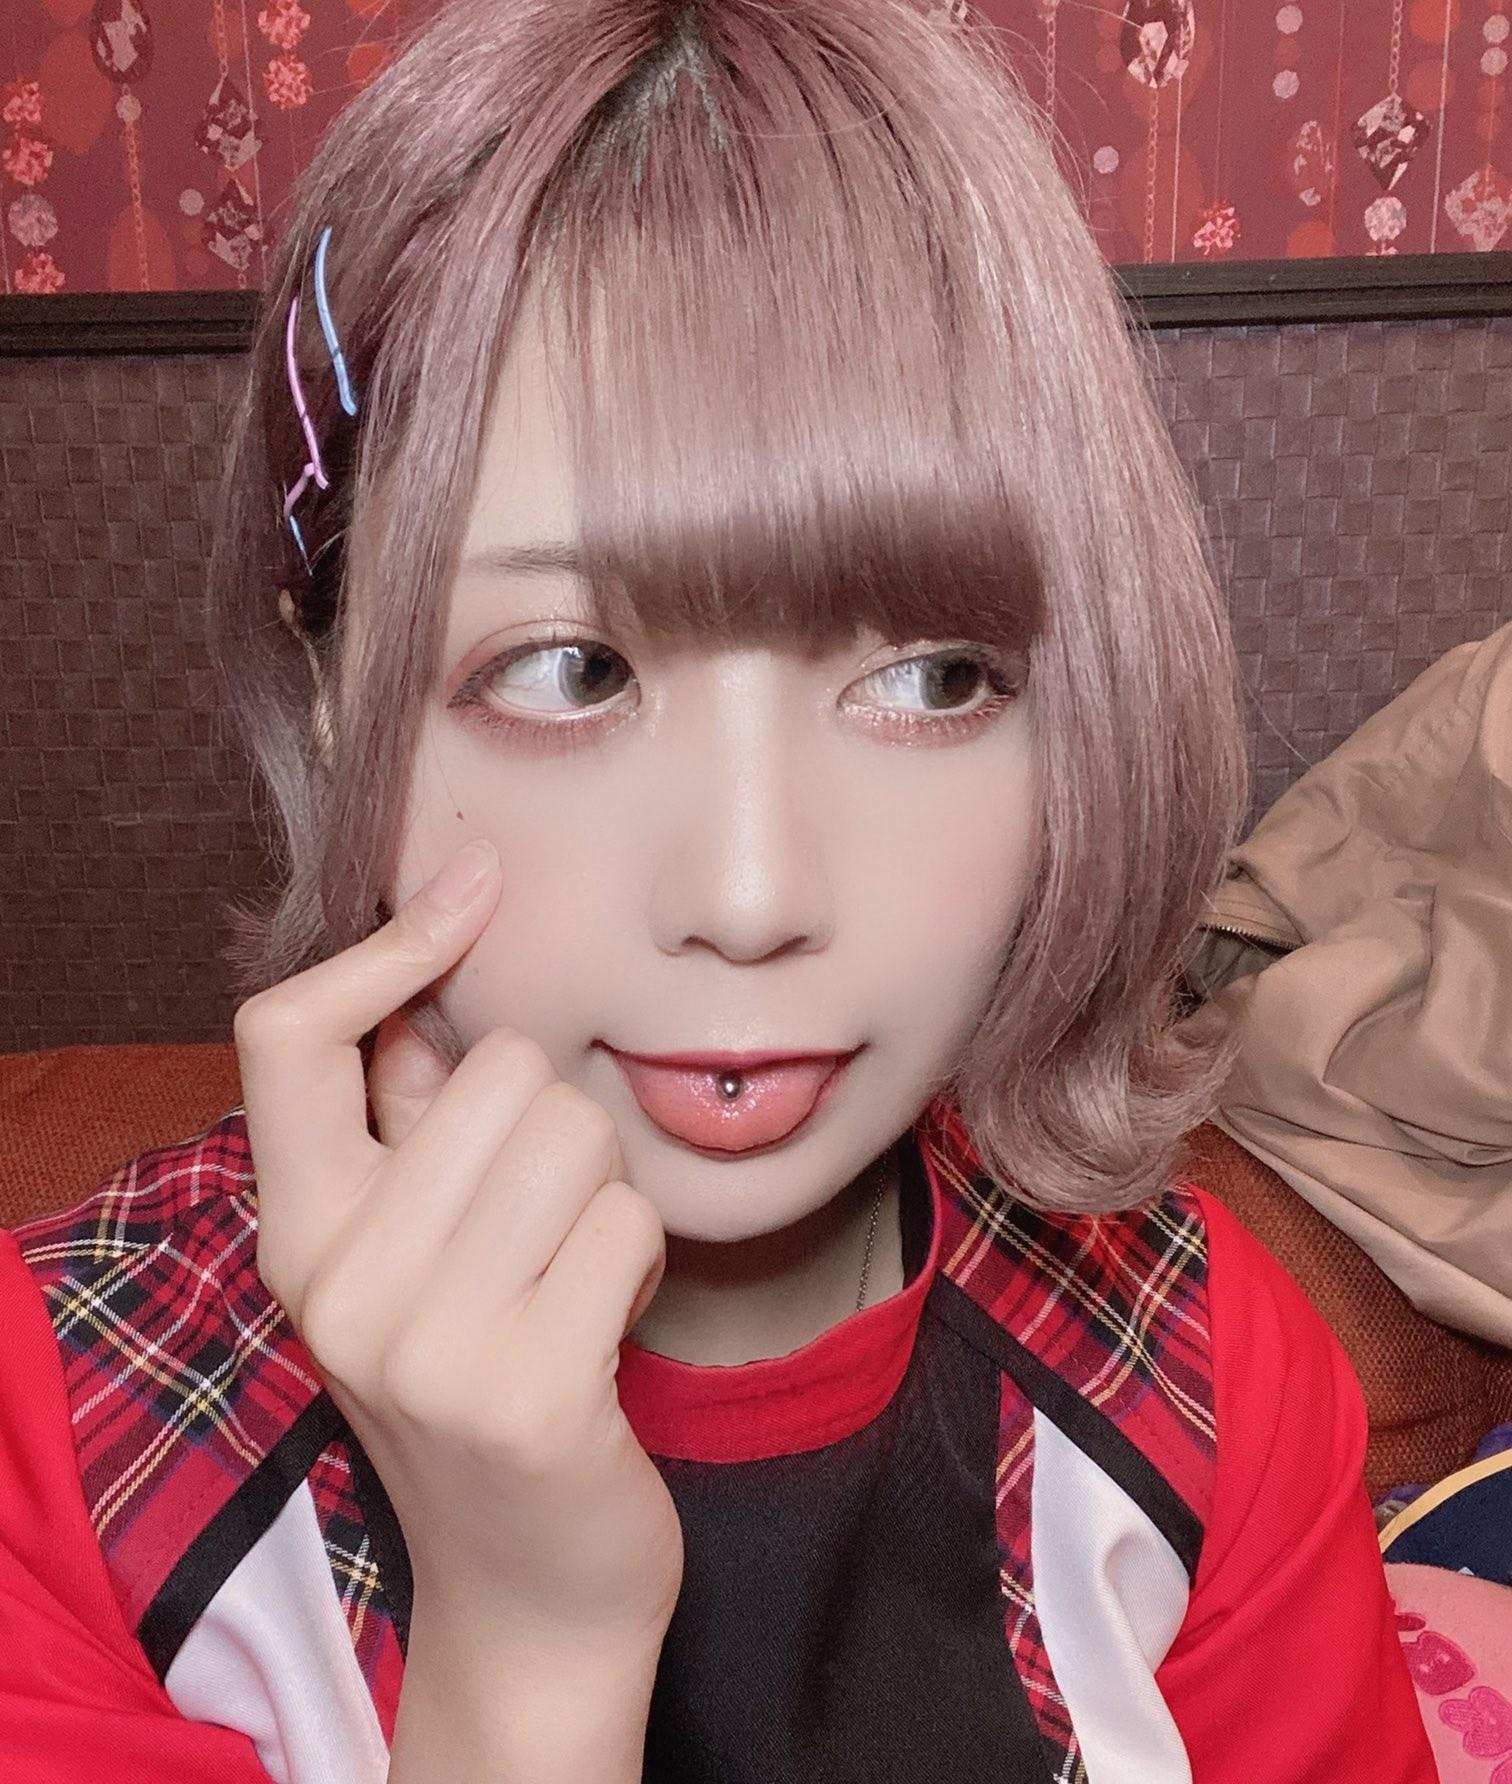 FaM・ゆめみーの舌出し (14)